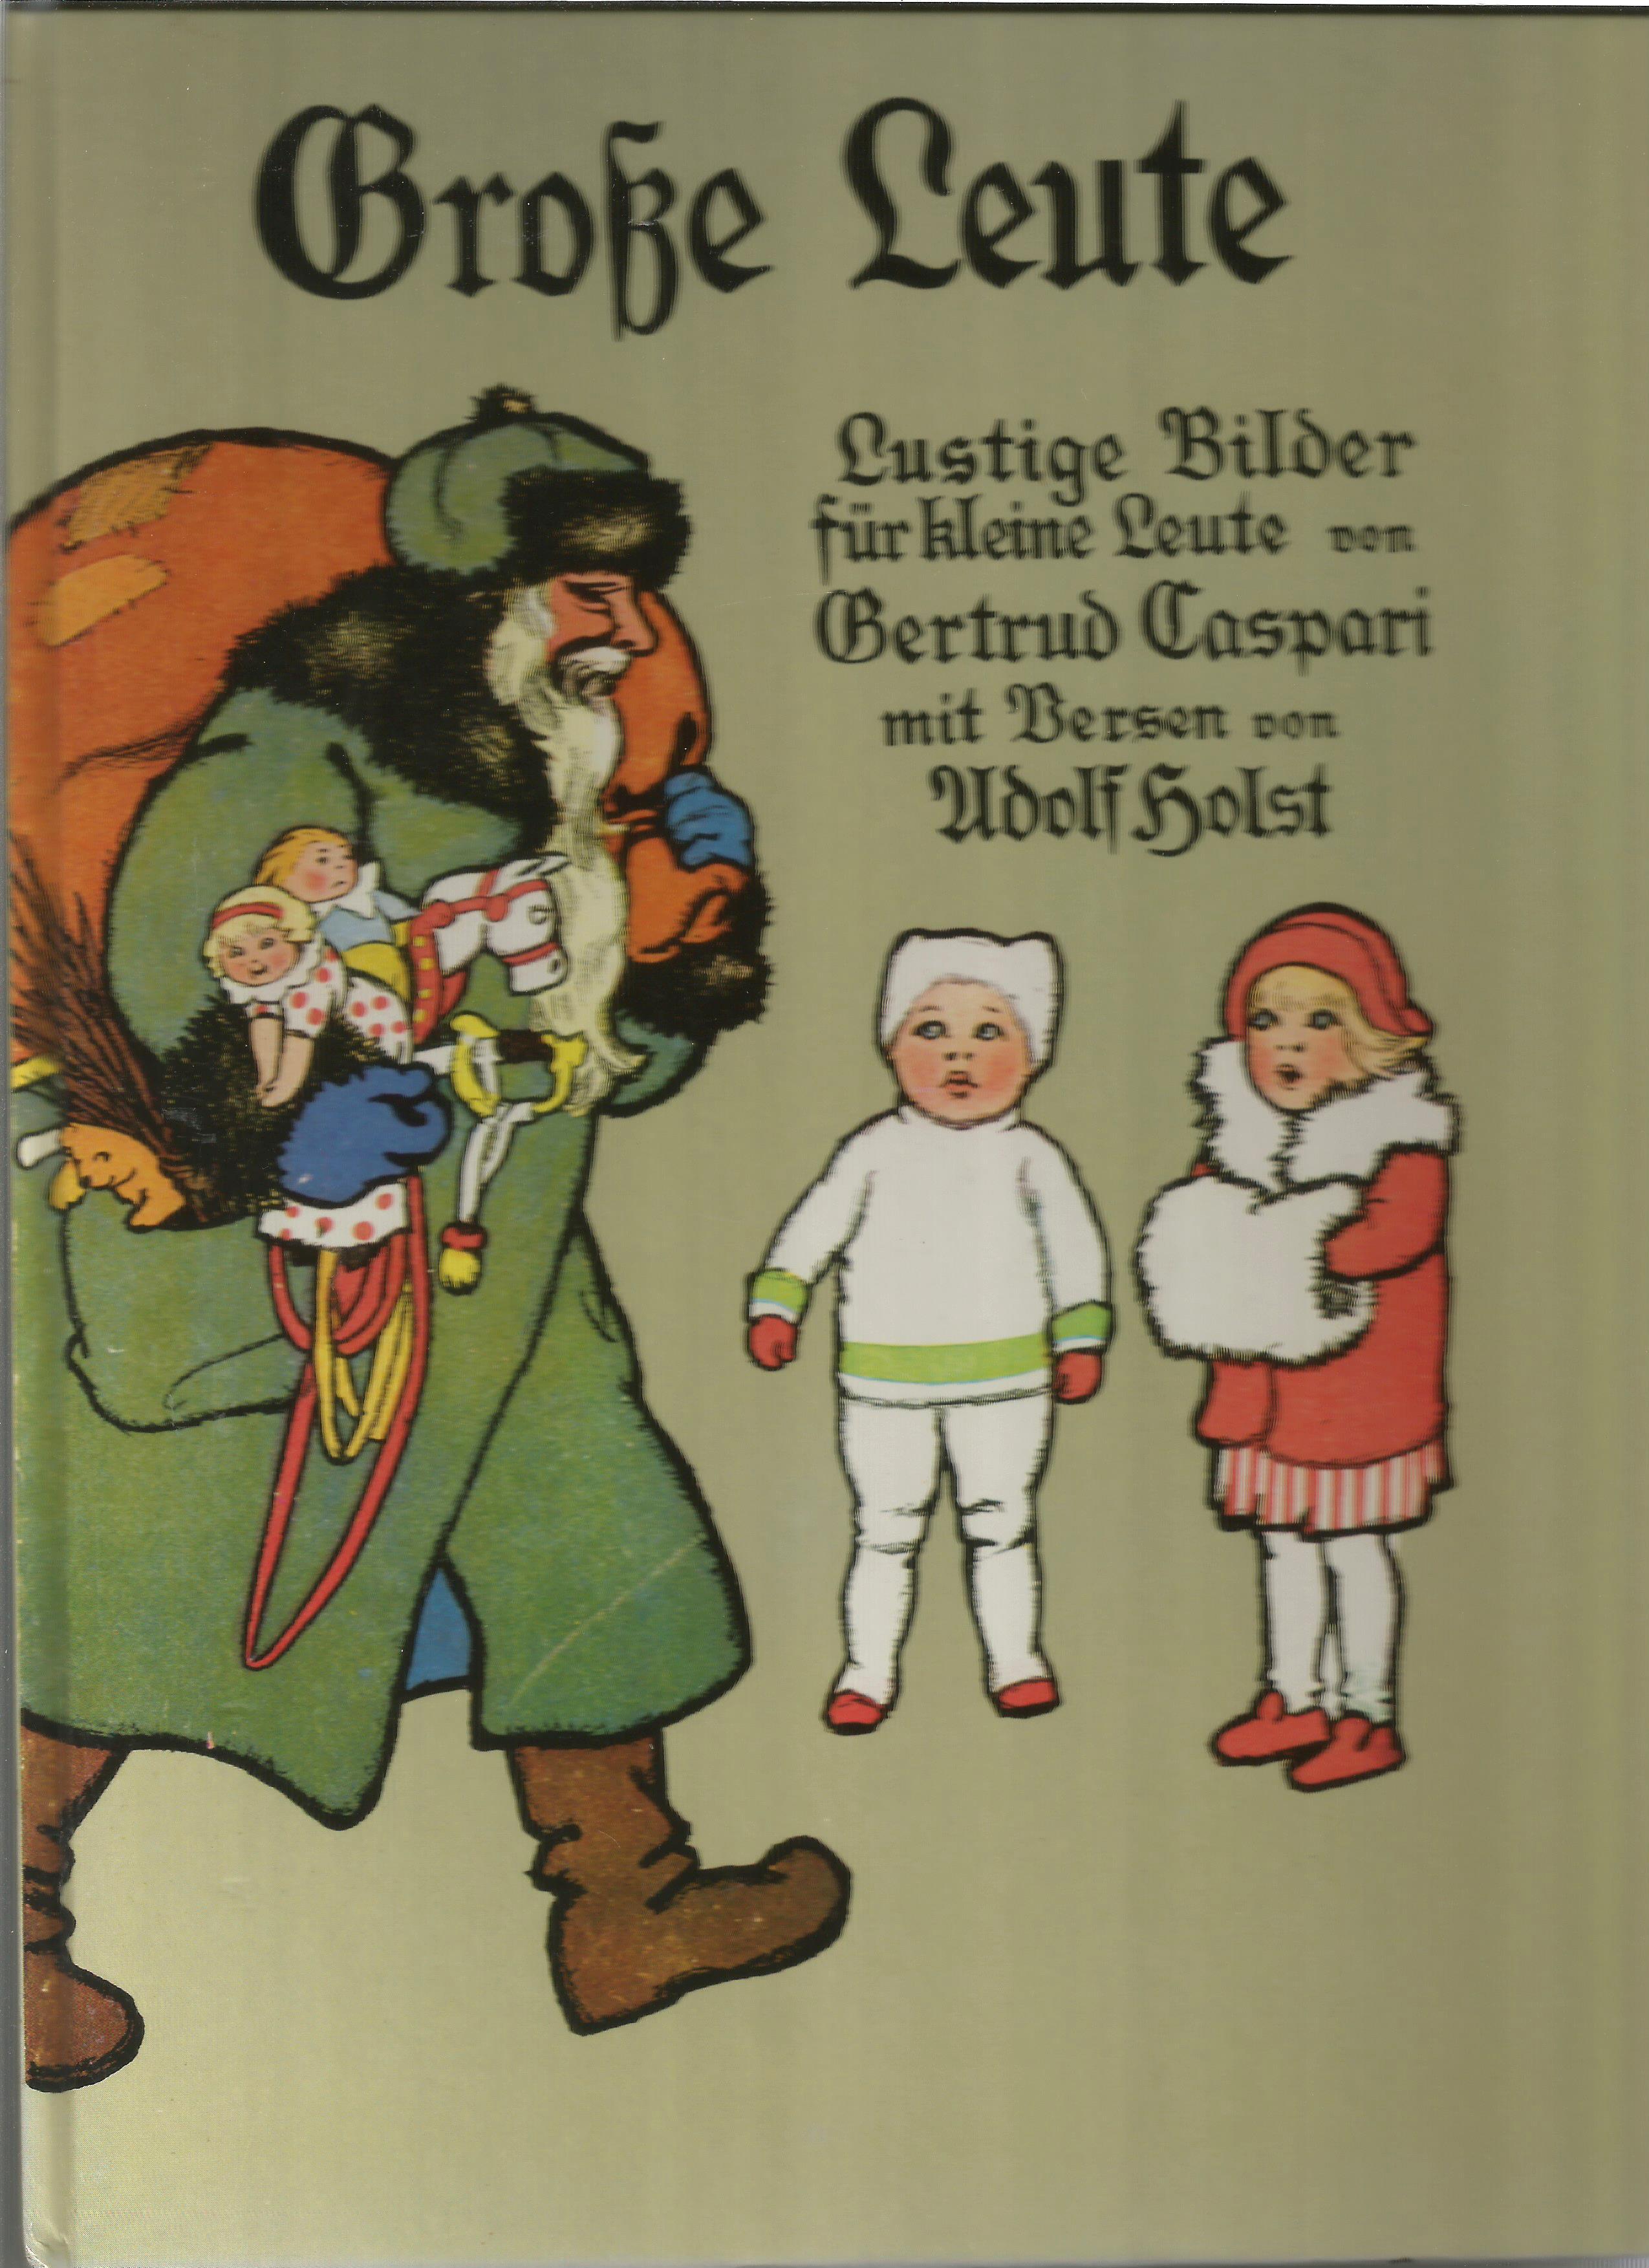 Große Leute. Lustige Bilder für kleine Leute.: Holst, Adolf: